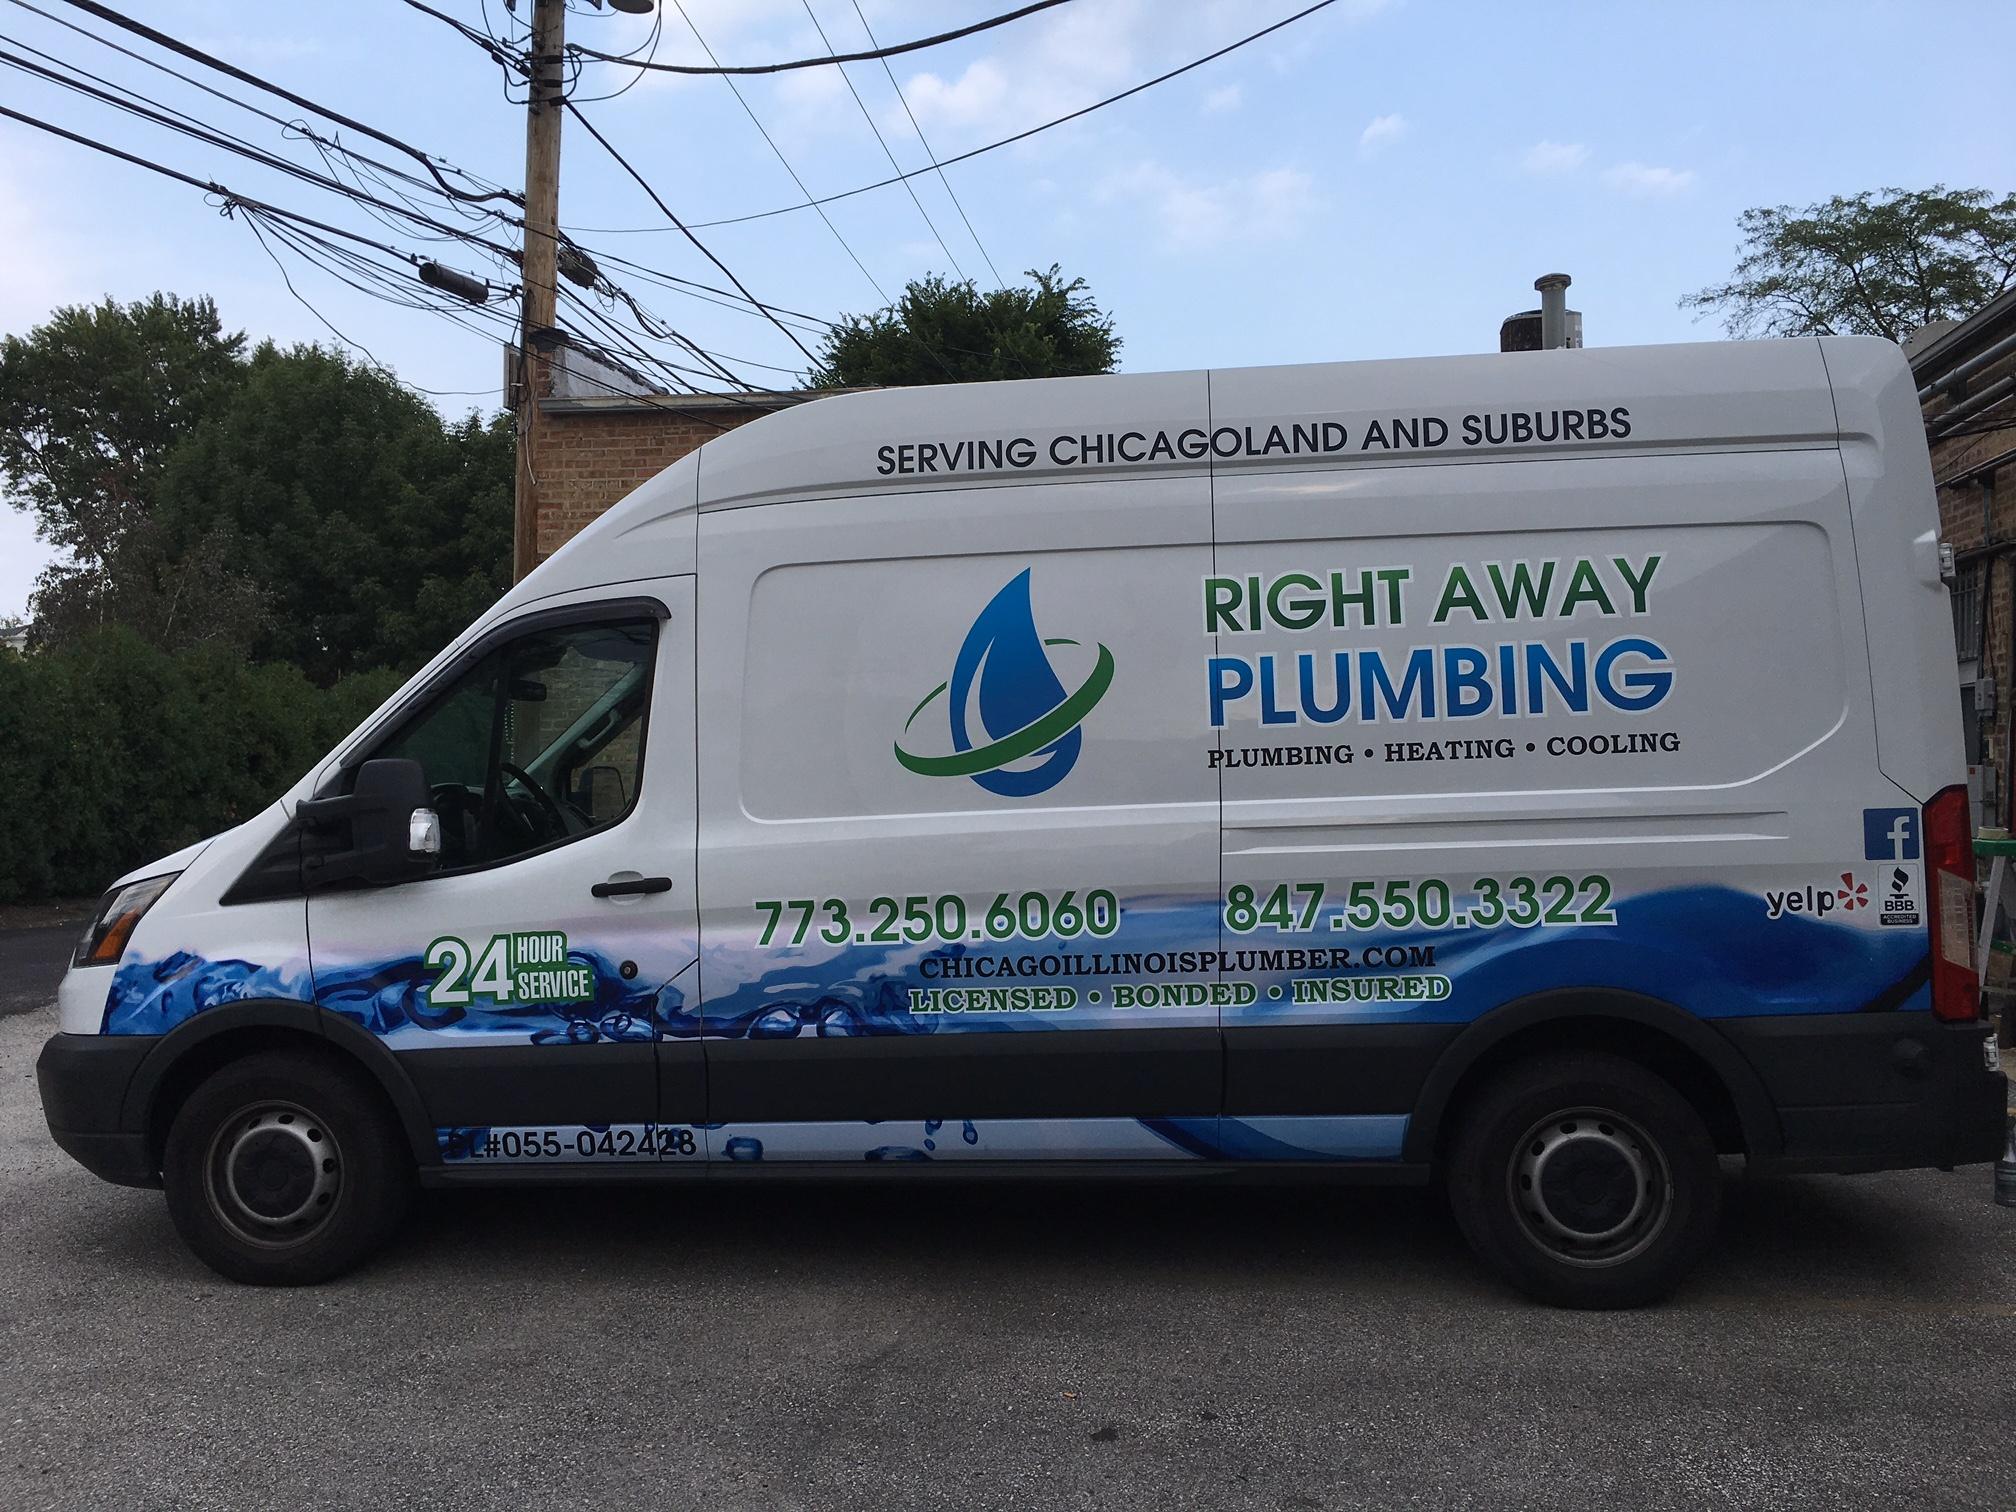 FastSigns Plumbing Van